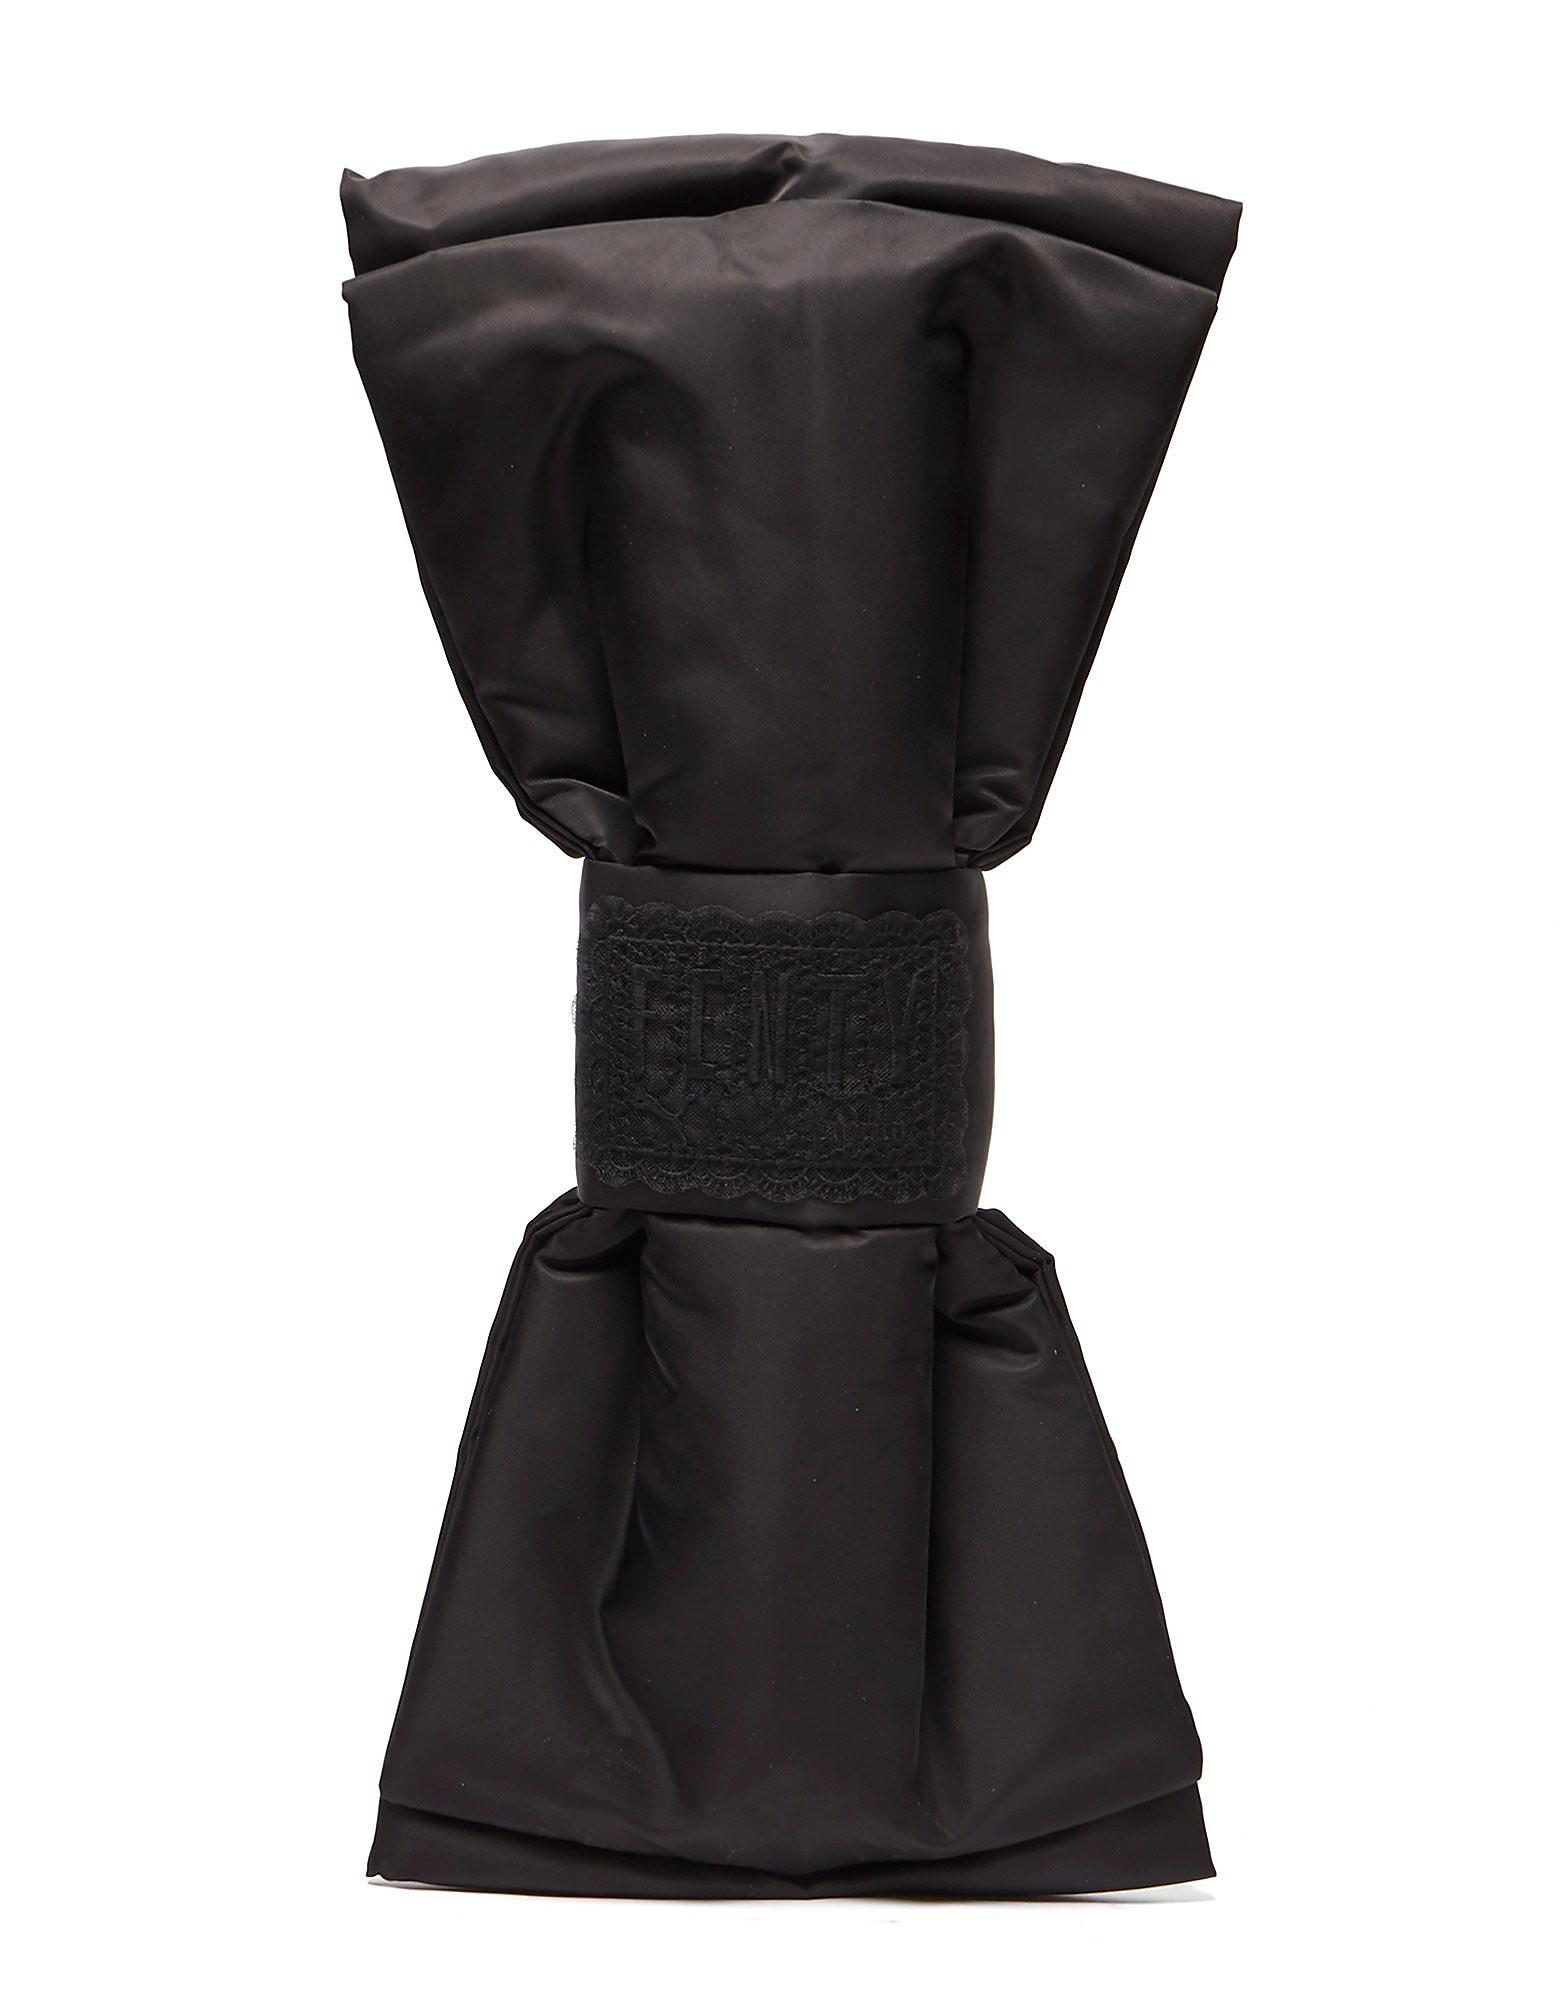 PUMA Fenty Bow Crosspack